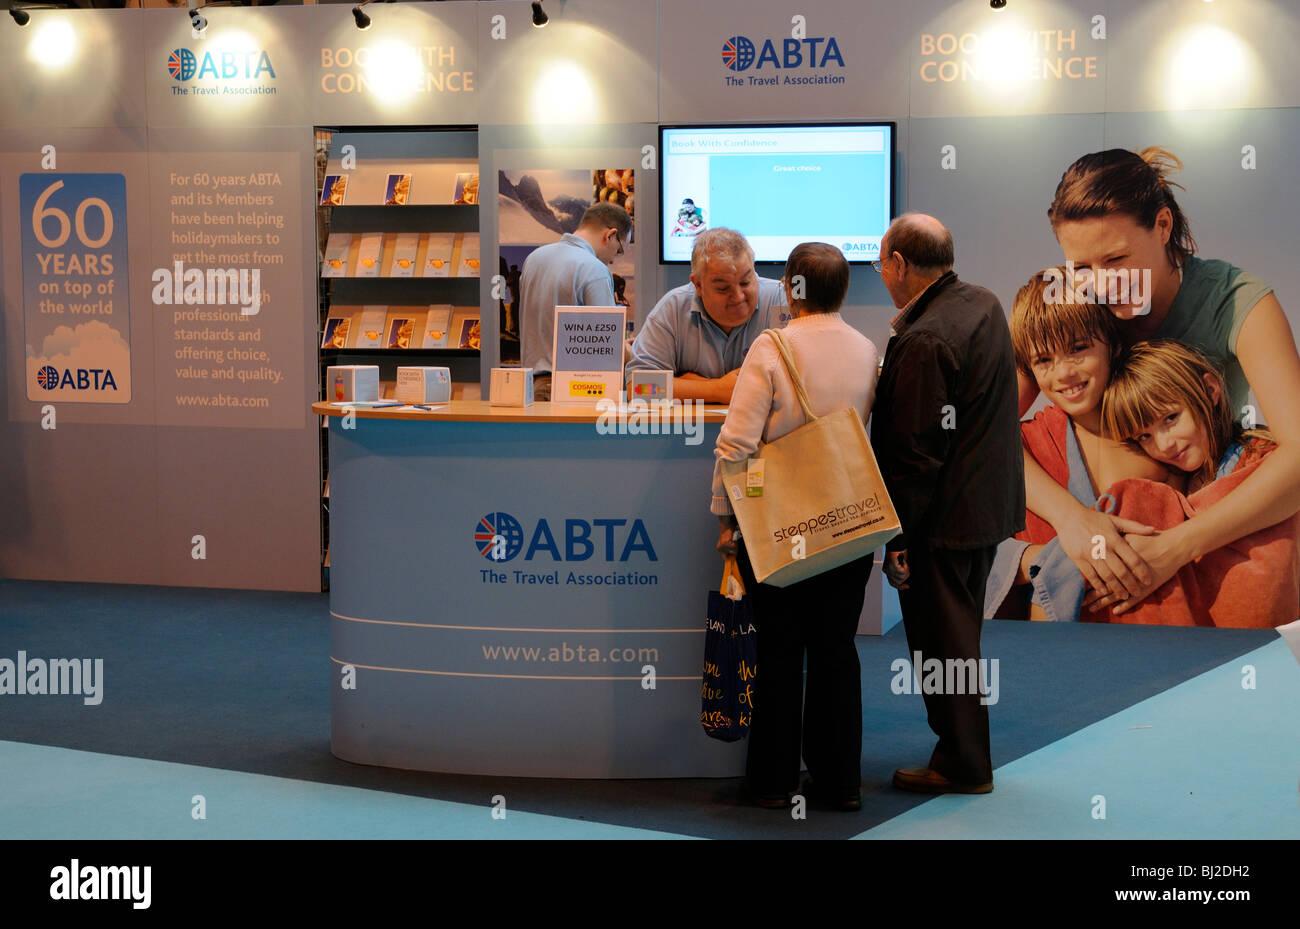 L'ABTA Travel Association stand au parc des expositions NEC Birmingham England Destinations Banque D'Images